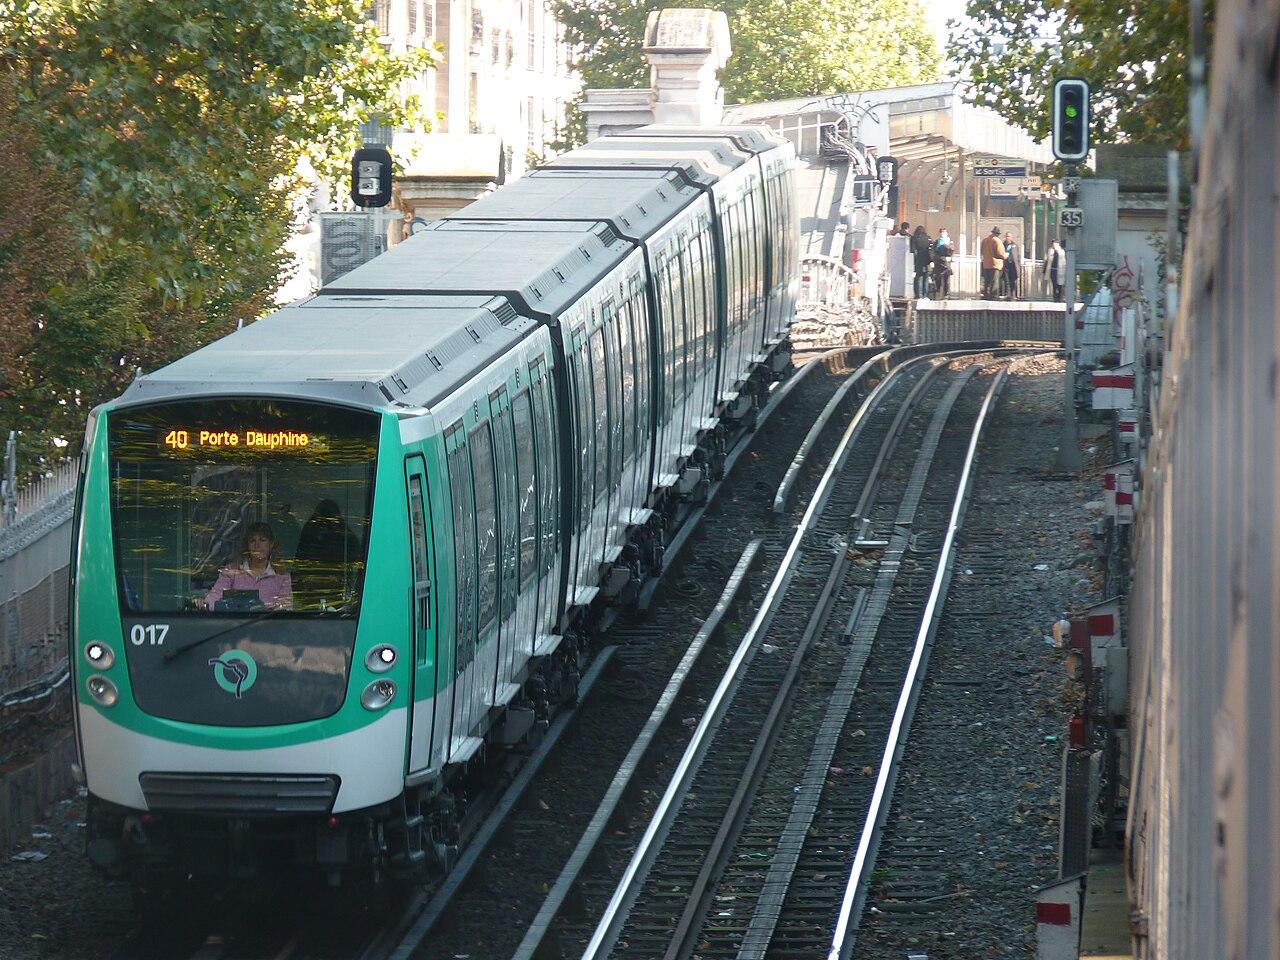 Paris - Métro - Rame - Aérien - Souterrain - Rails - Transport en commun - Déplacement - SchoolMouv - Géographie - CM2